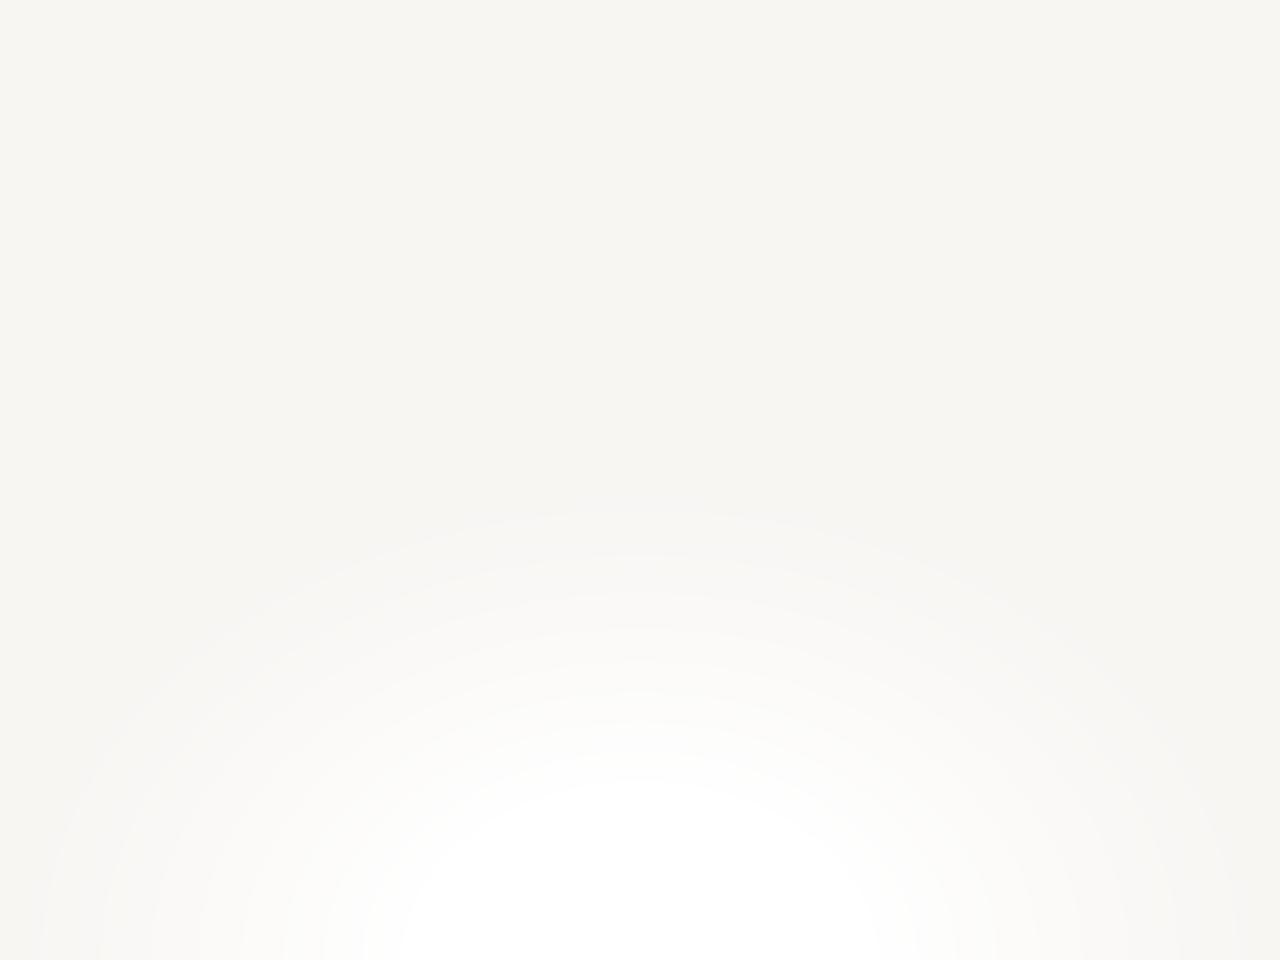 radial-white-gradient-bg.png